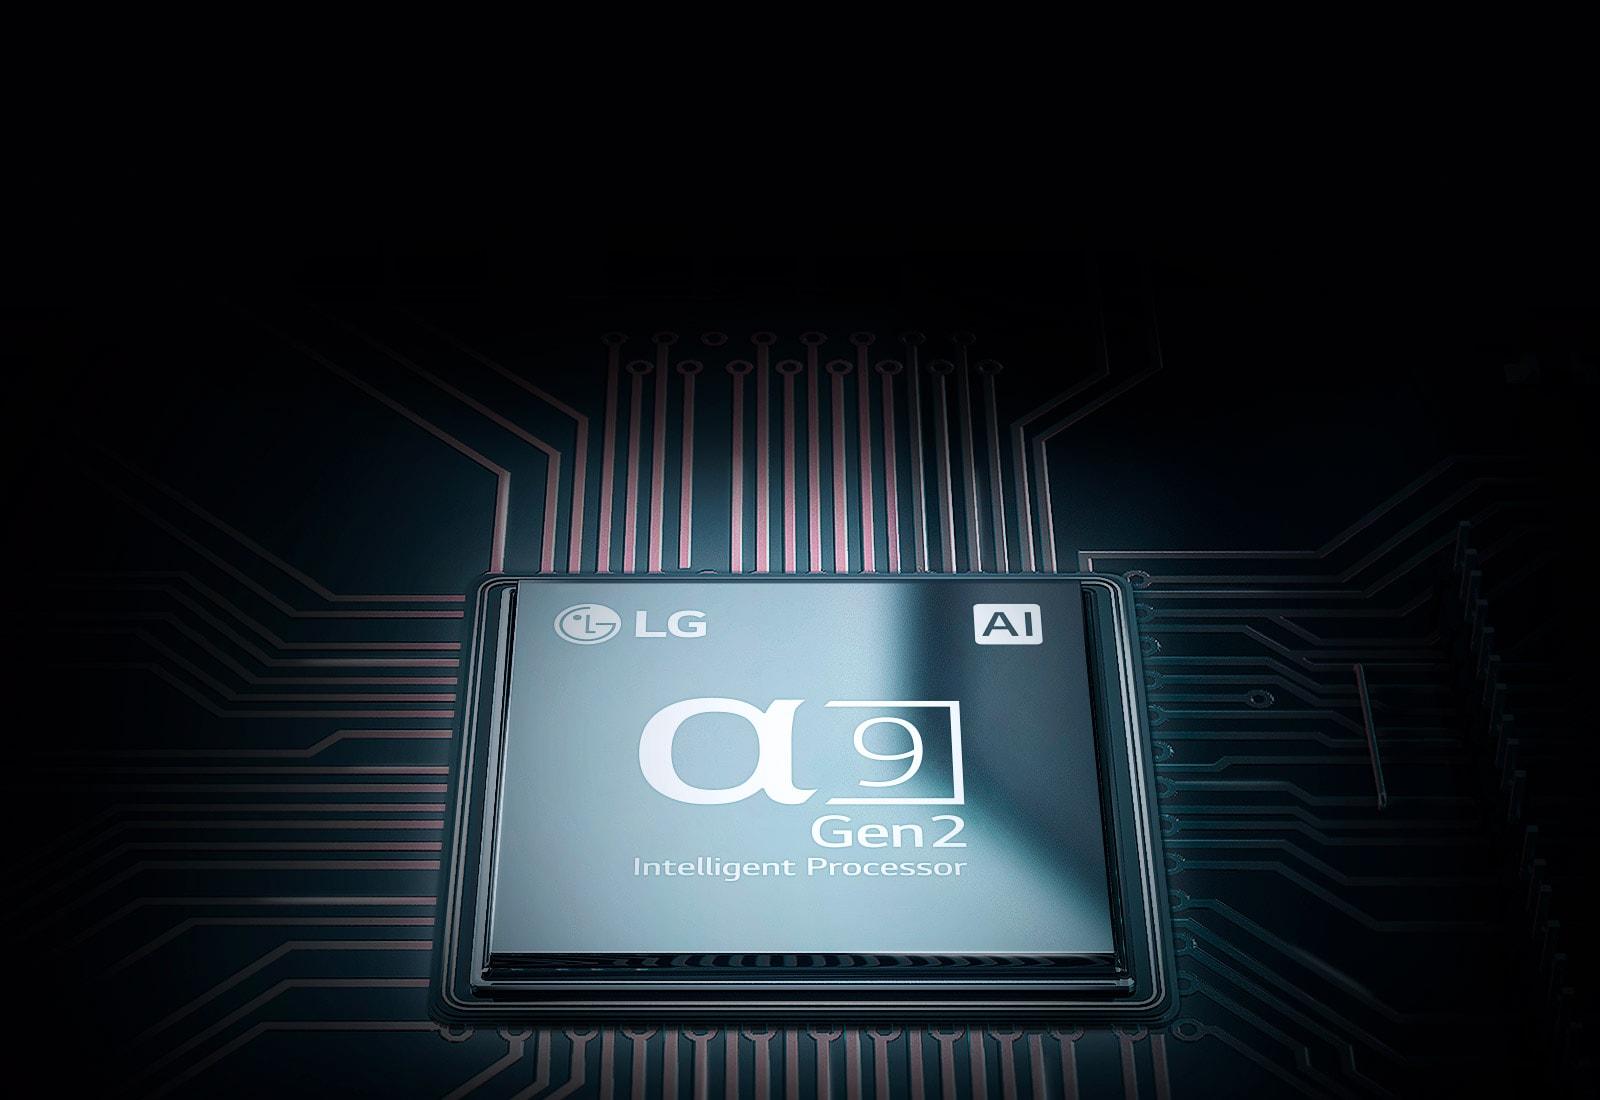 A9 Gen2 Processor AI Smart TV